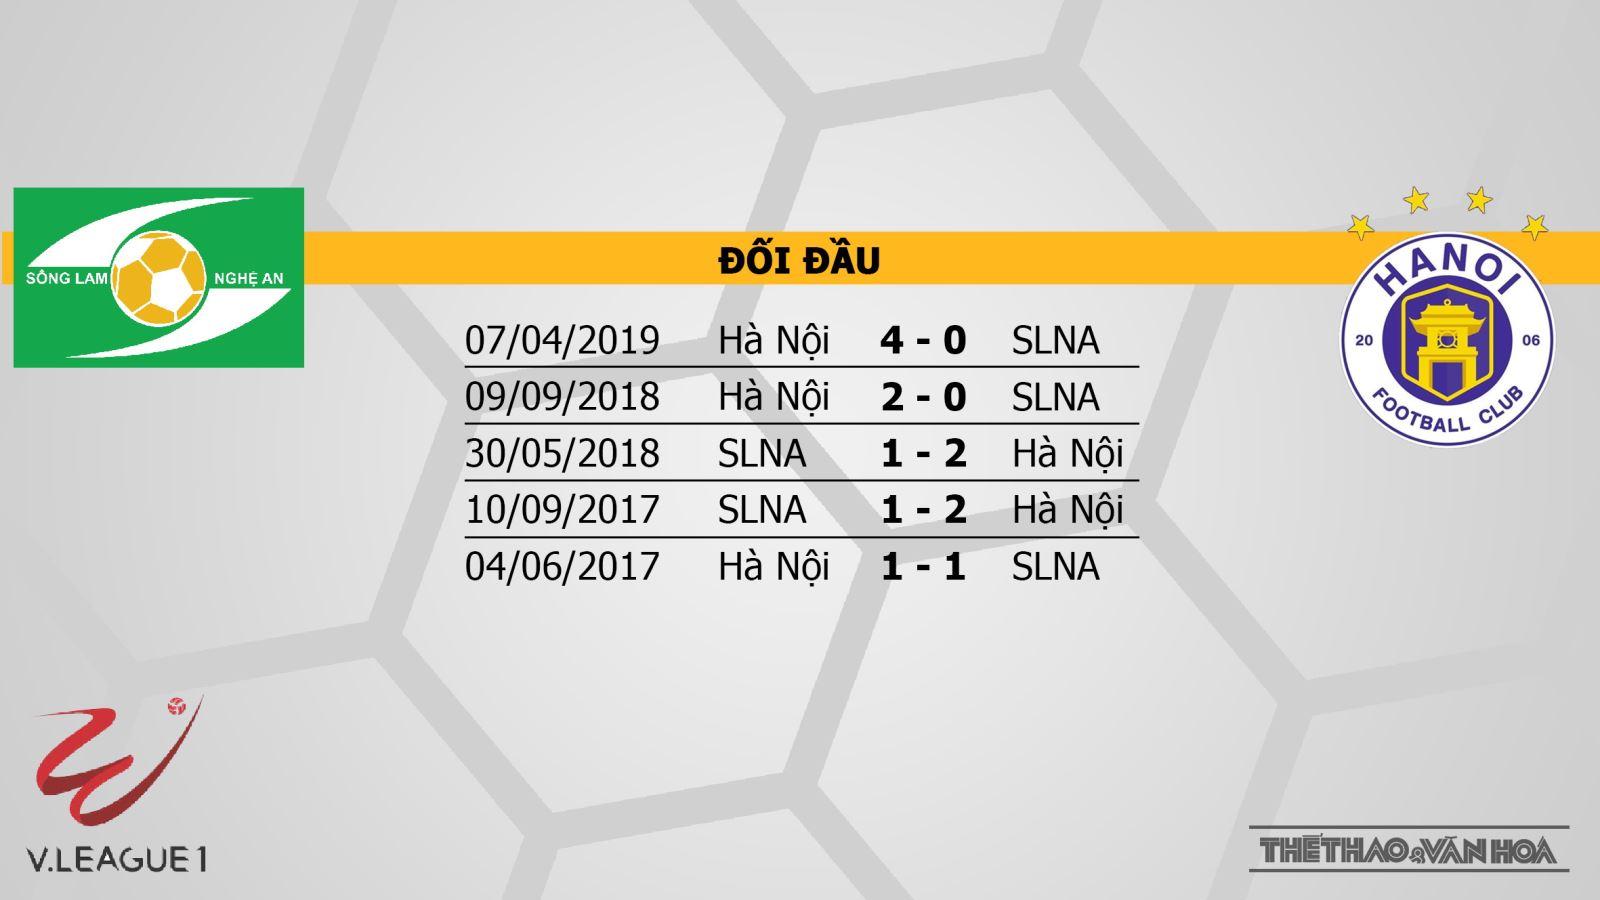 truc tiep bong da hôm nay, SLNA vs Hà Nội, trực tiếp bóng đá, VTV6, SLNA đấu với Hà Nội, xem bong da truc tiep, BĐTV, bong da truc tuyen, SLNA